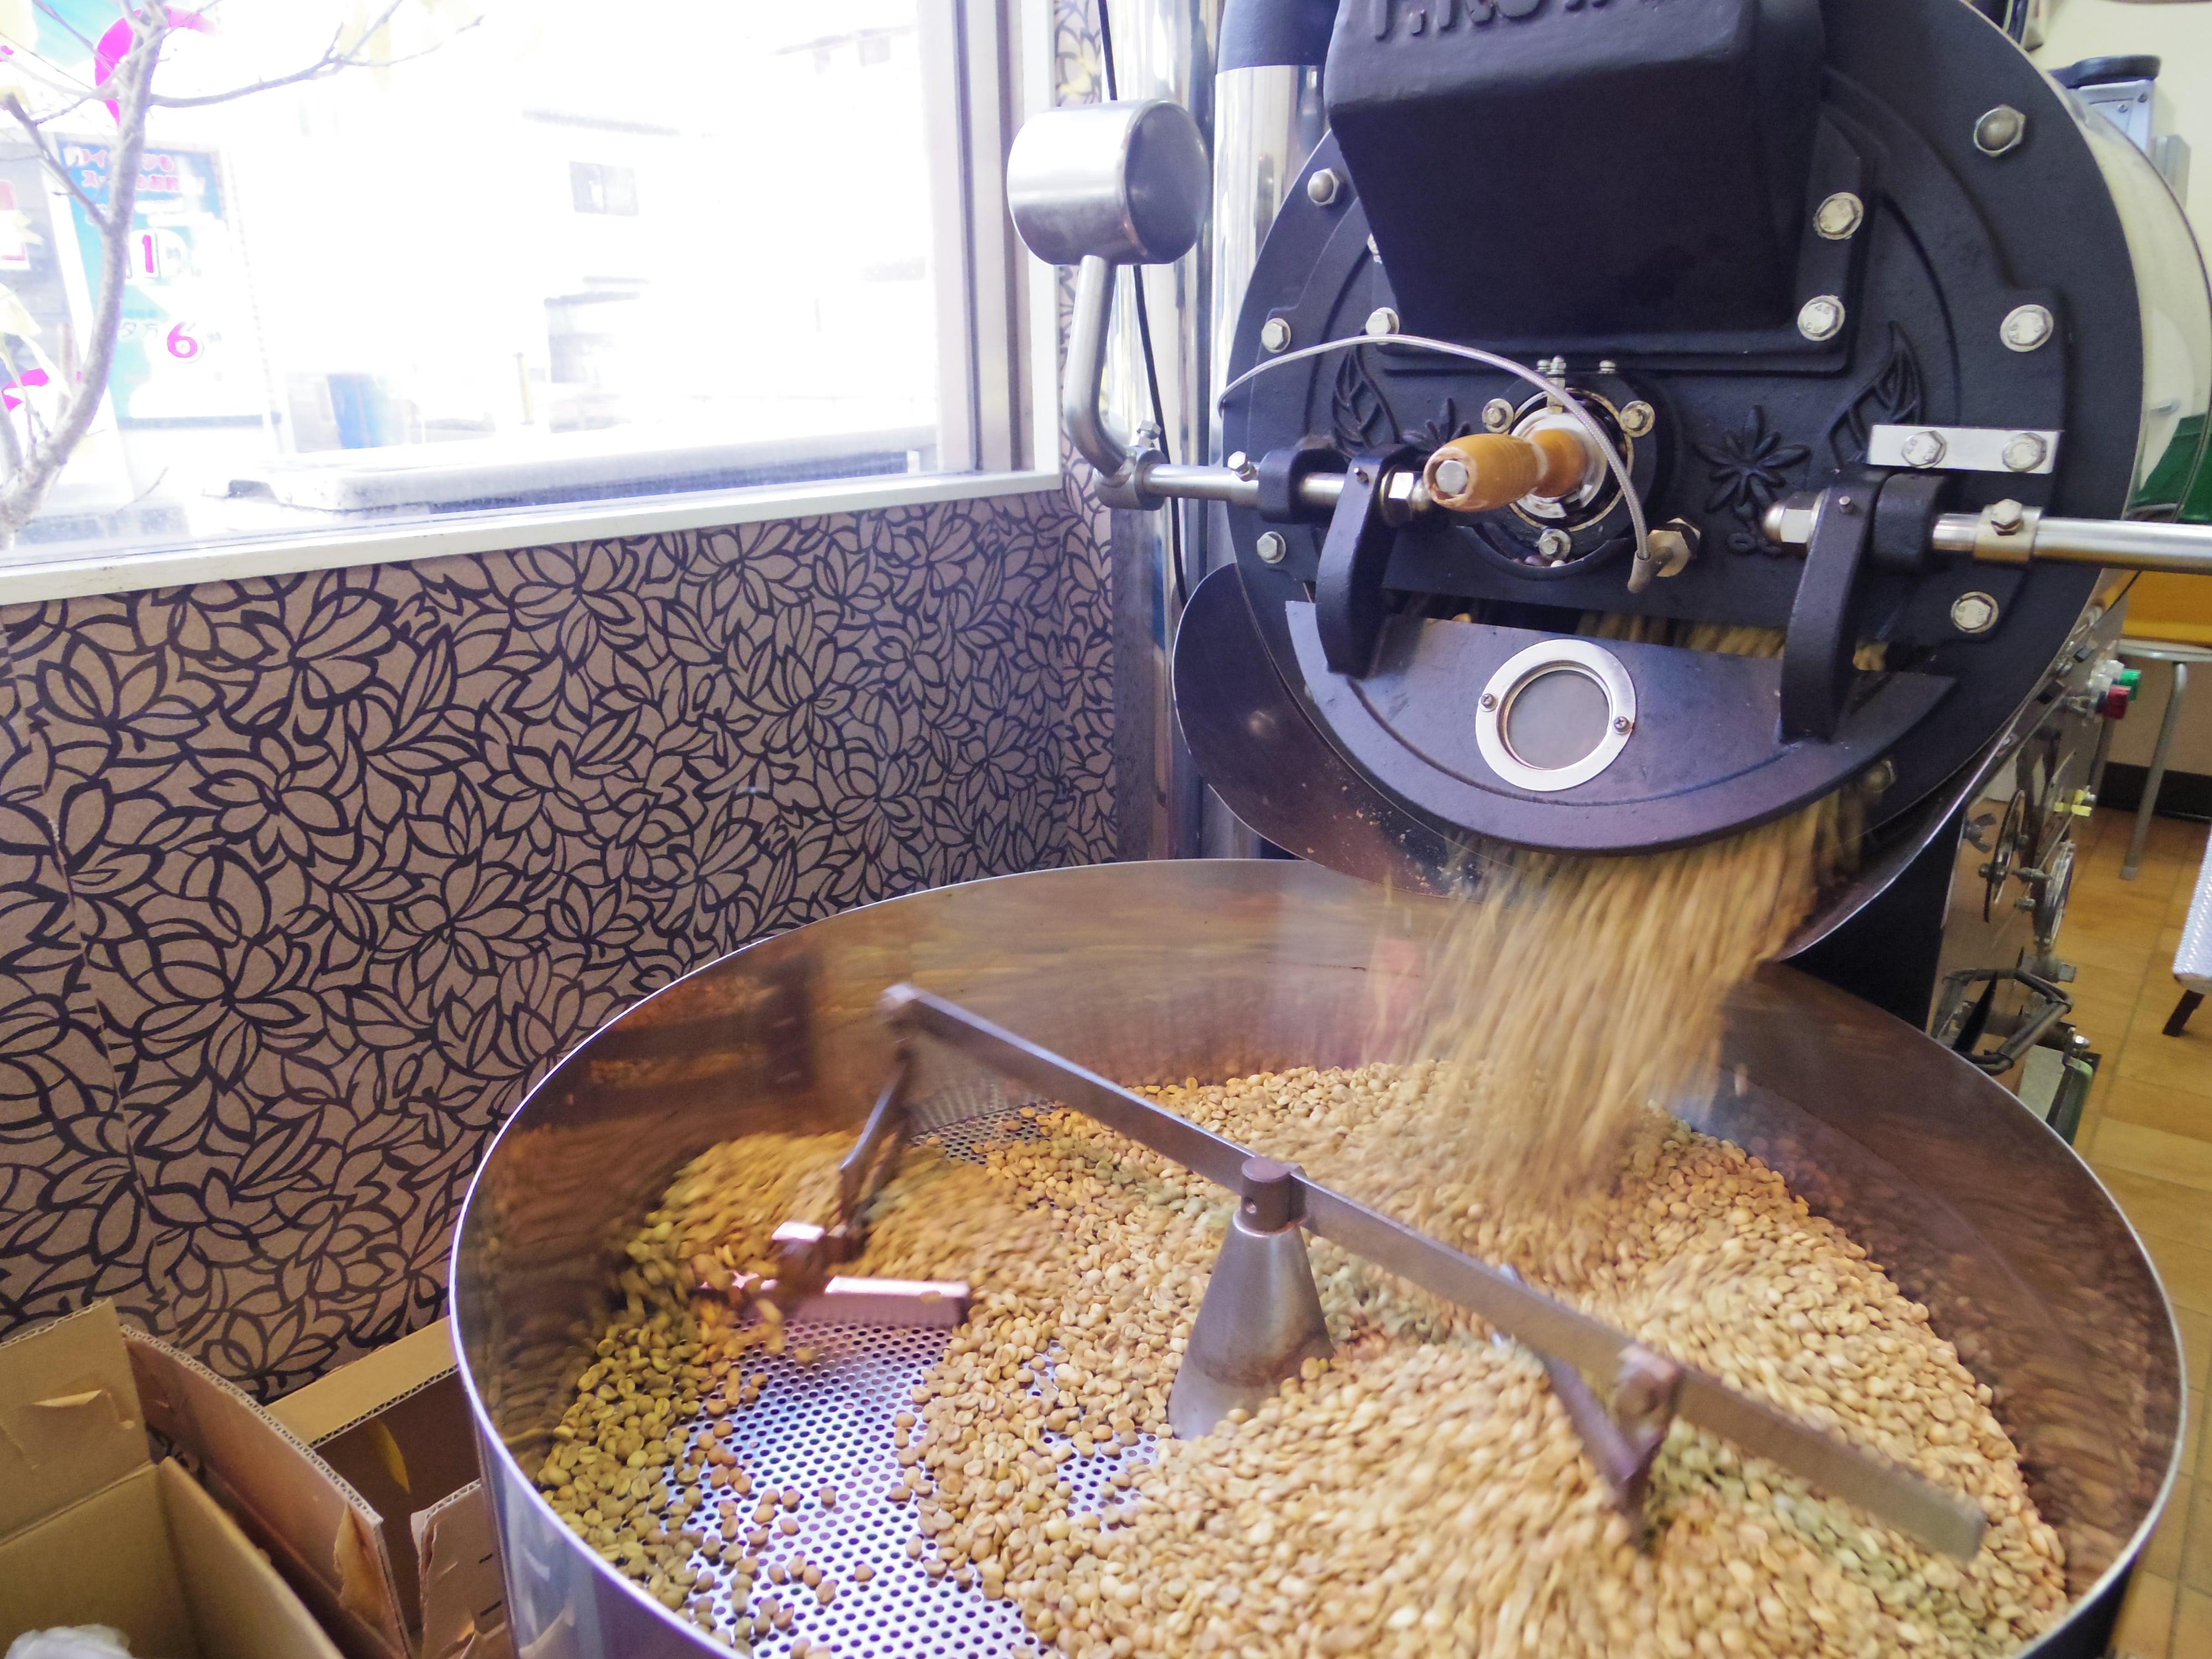 東大宮のカフェ&福祉施設/自家焙煎珈琲【ちひろ珈琲】のコーヒー豆焙煎の風景